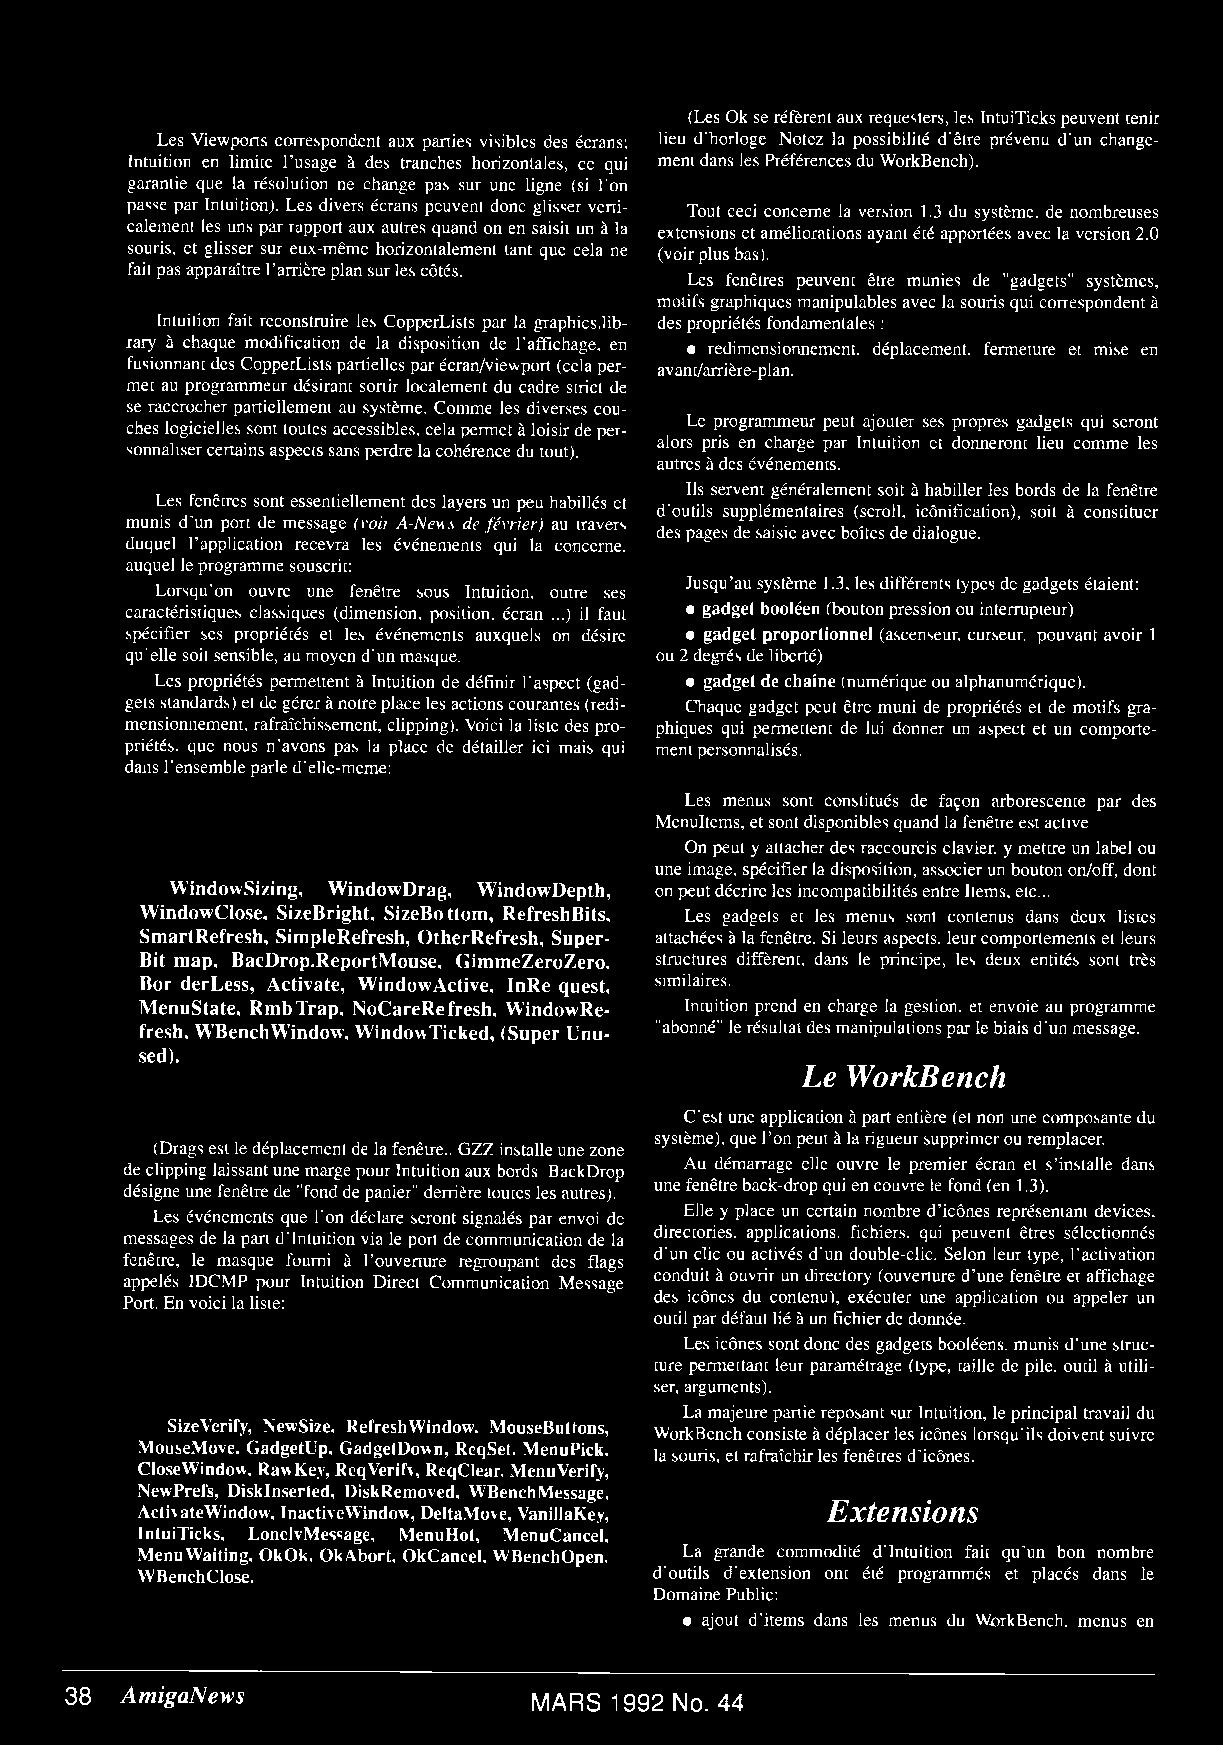 Protège Canapé Cuir Anti Glisse Luxe Photos Résultat Supérieur 60 Impressionnant Si¨ge Informatique Ergonomique